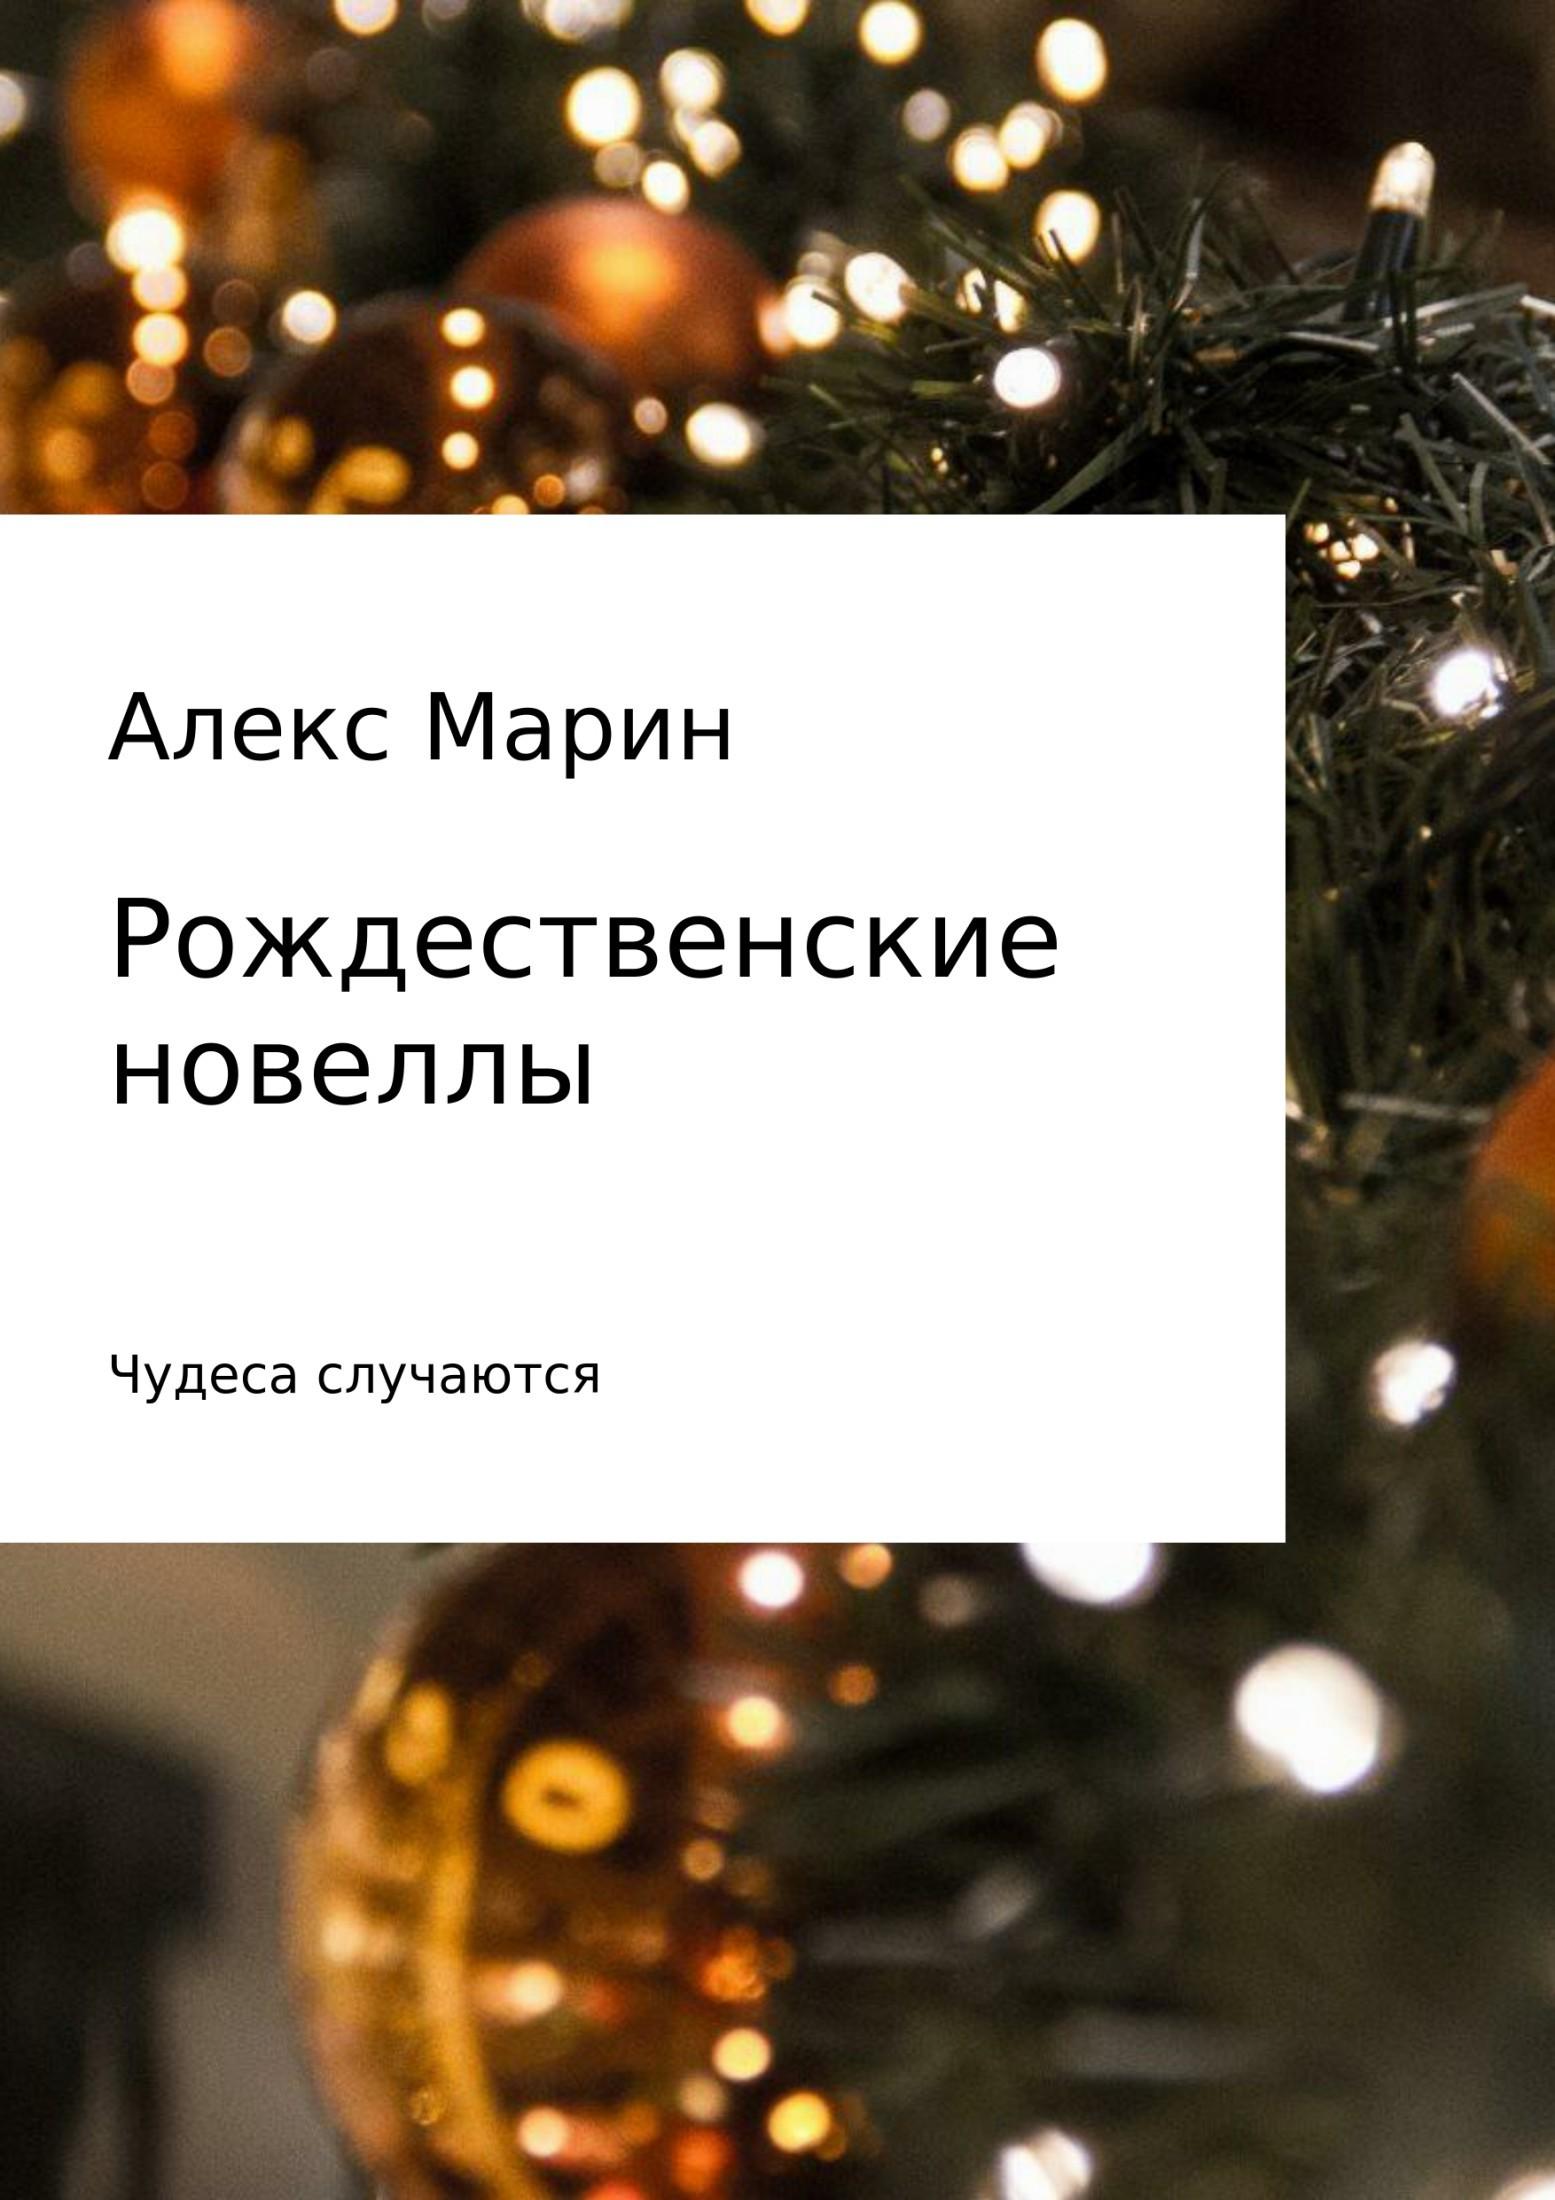 Алекс Марин бесплатно